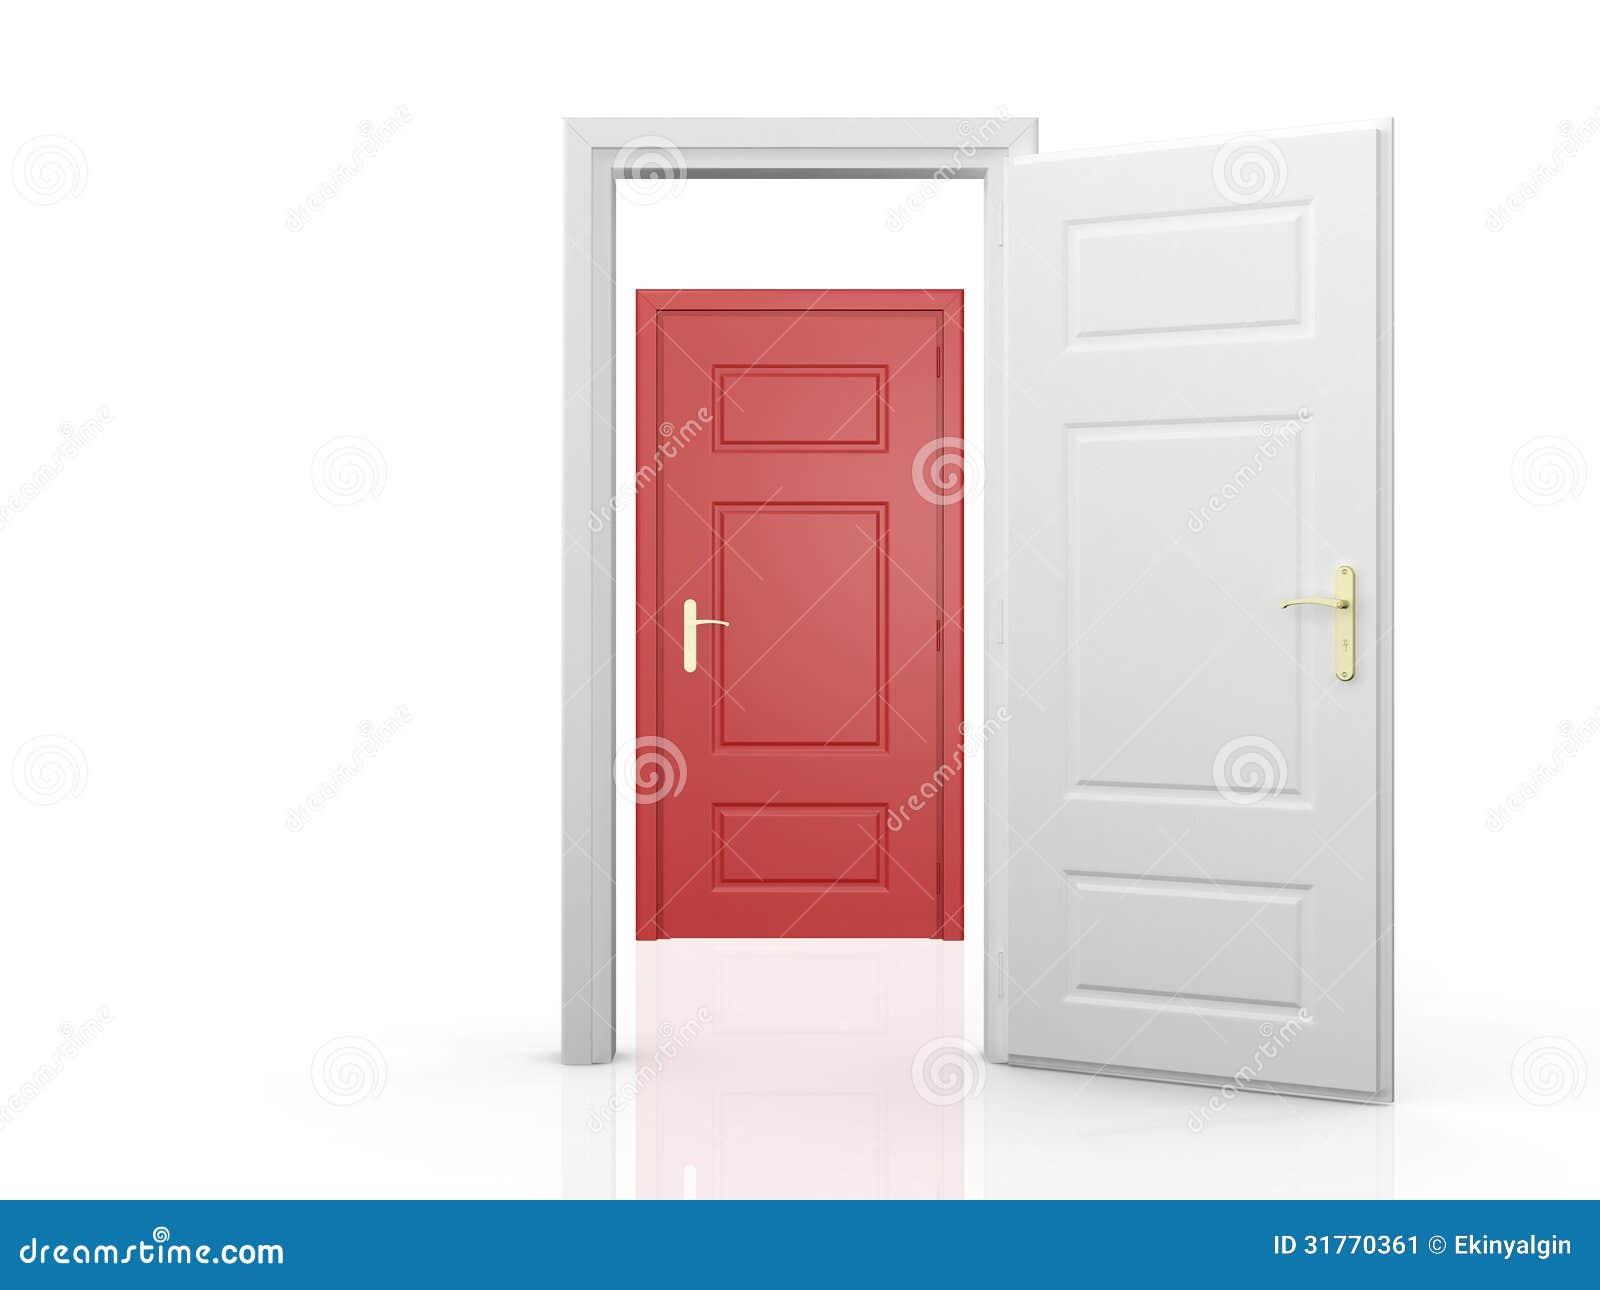 Porte rouge derri re la porte blanche image stock image - La balnche porte ...